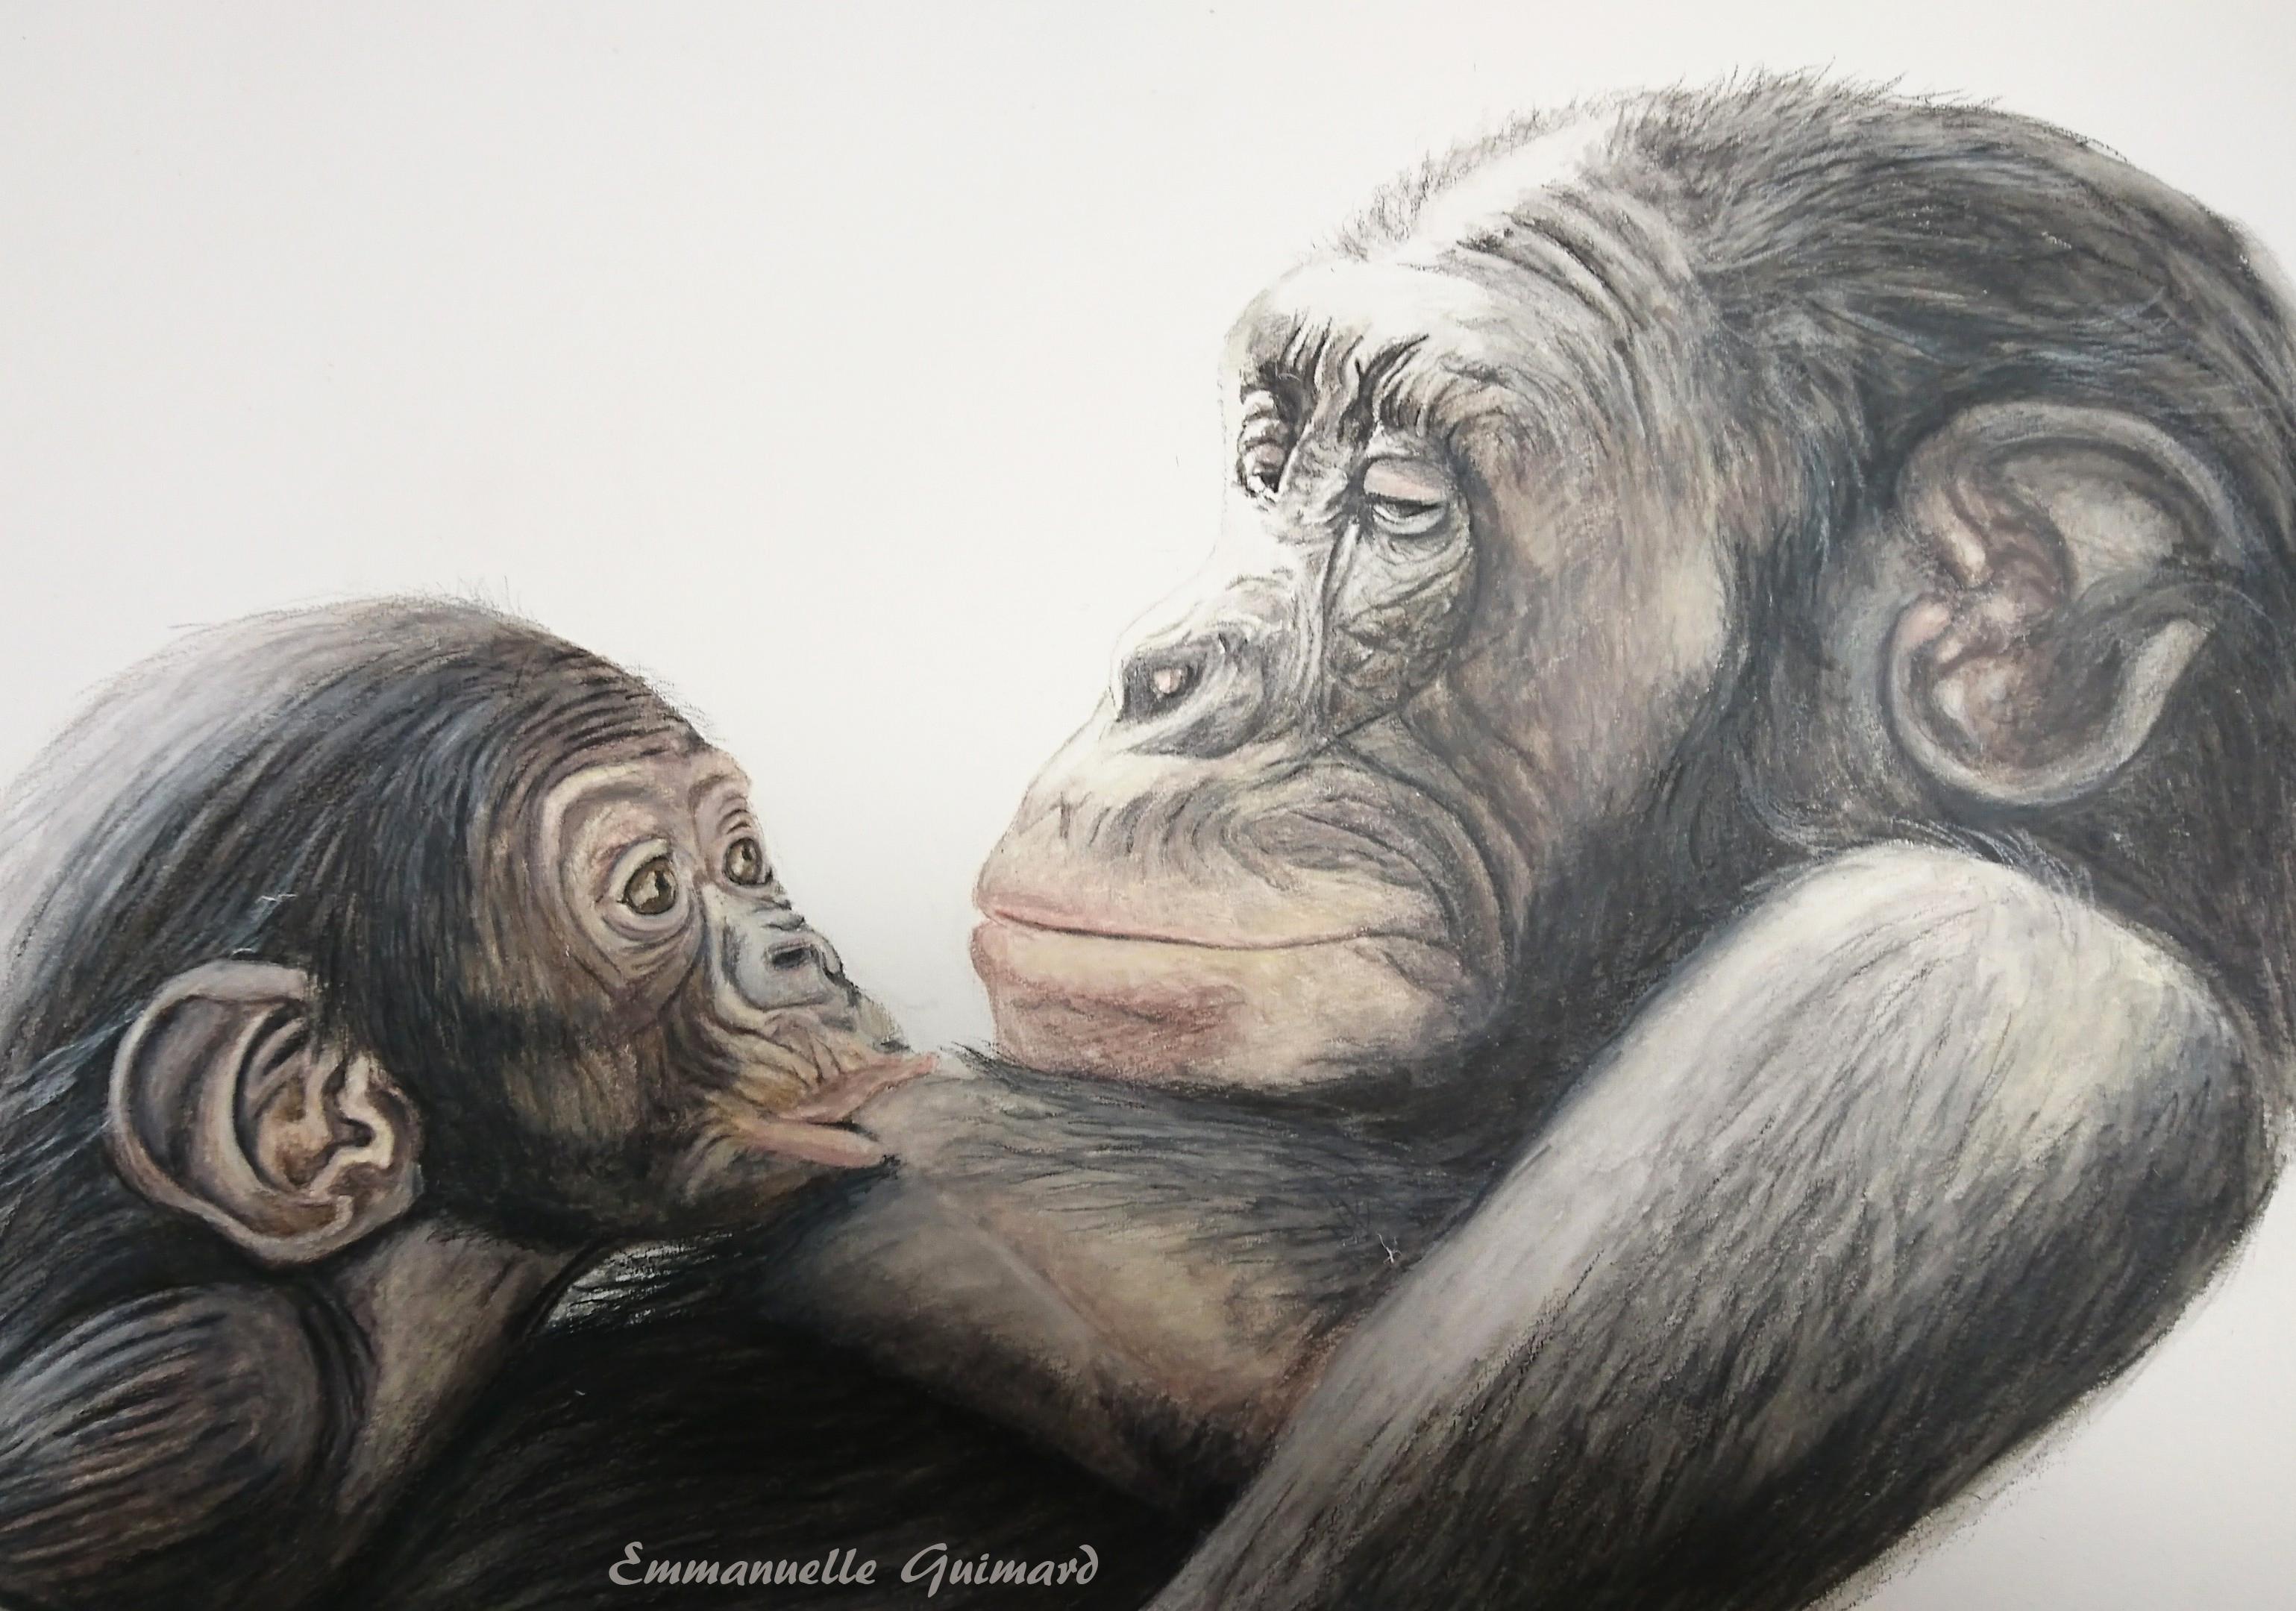 Bébé et maman bonobo